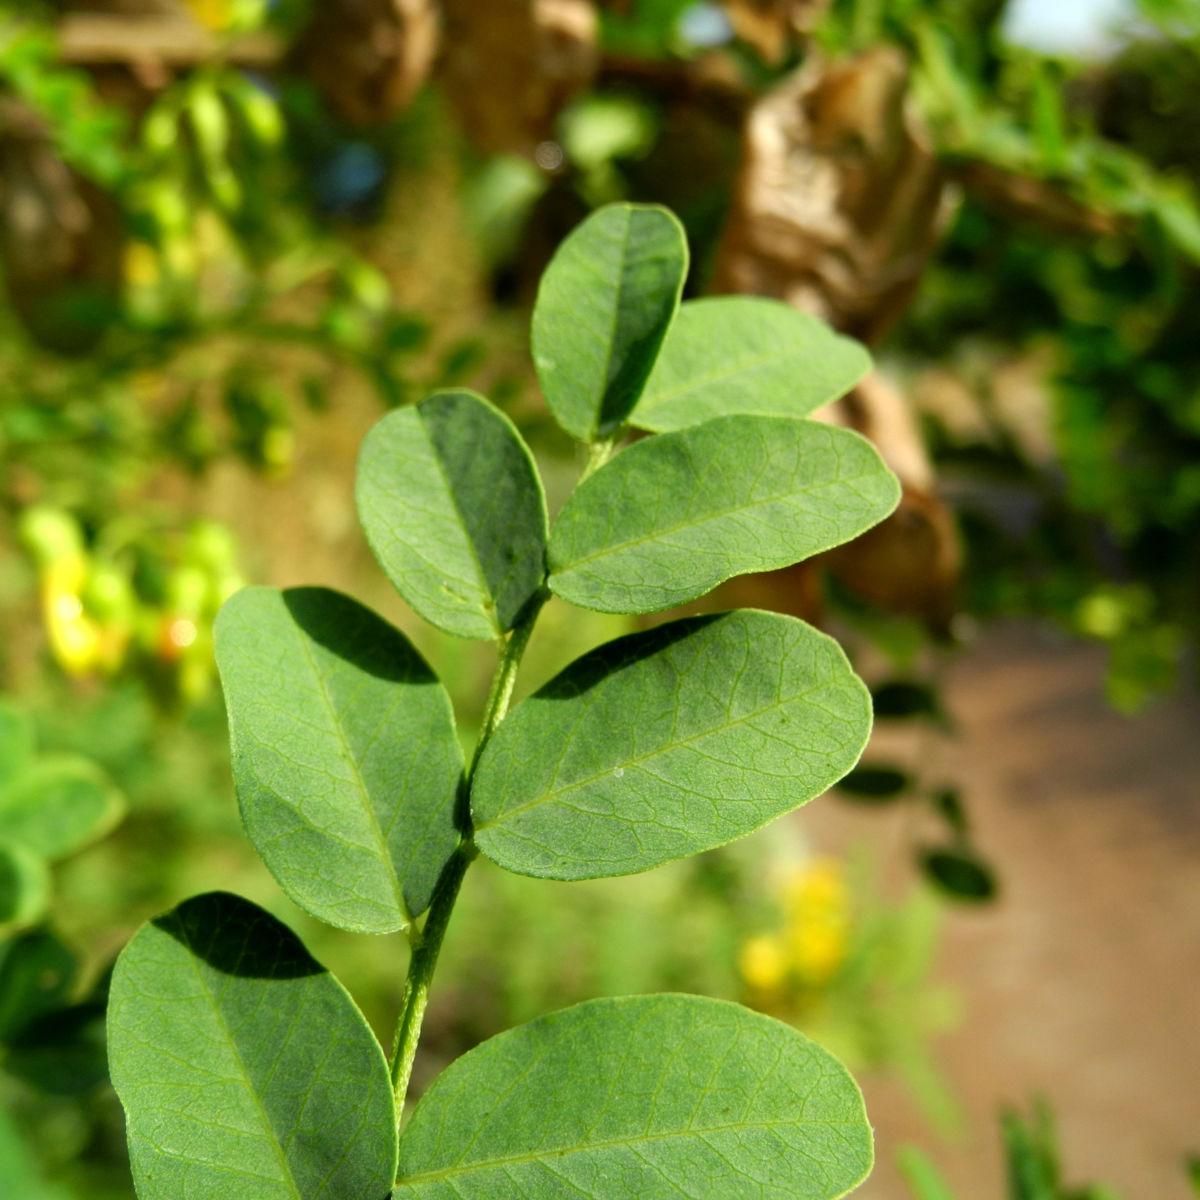 Kilikischer Blasenstrauch Blatt gruen Colutea cilicica